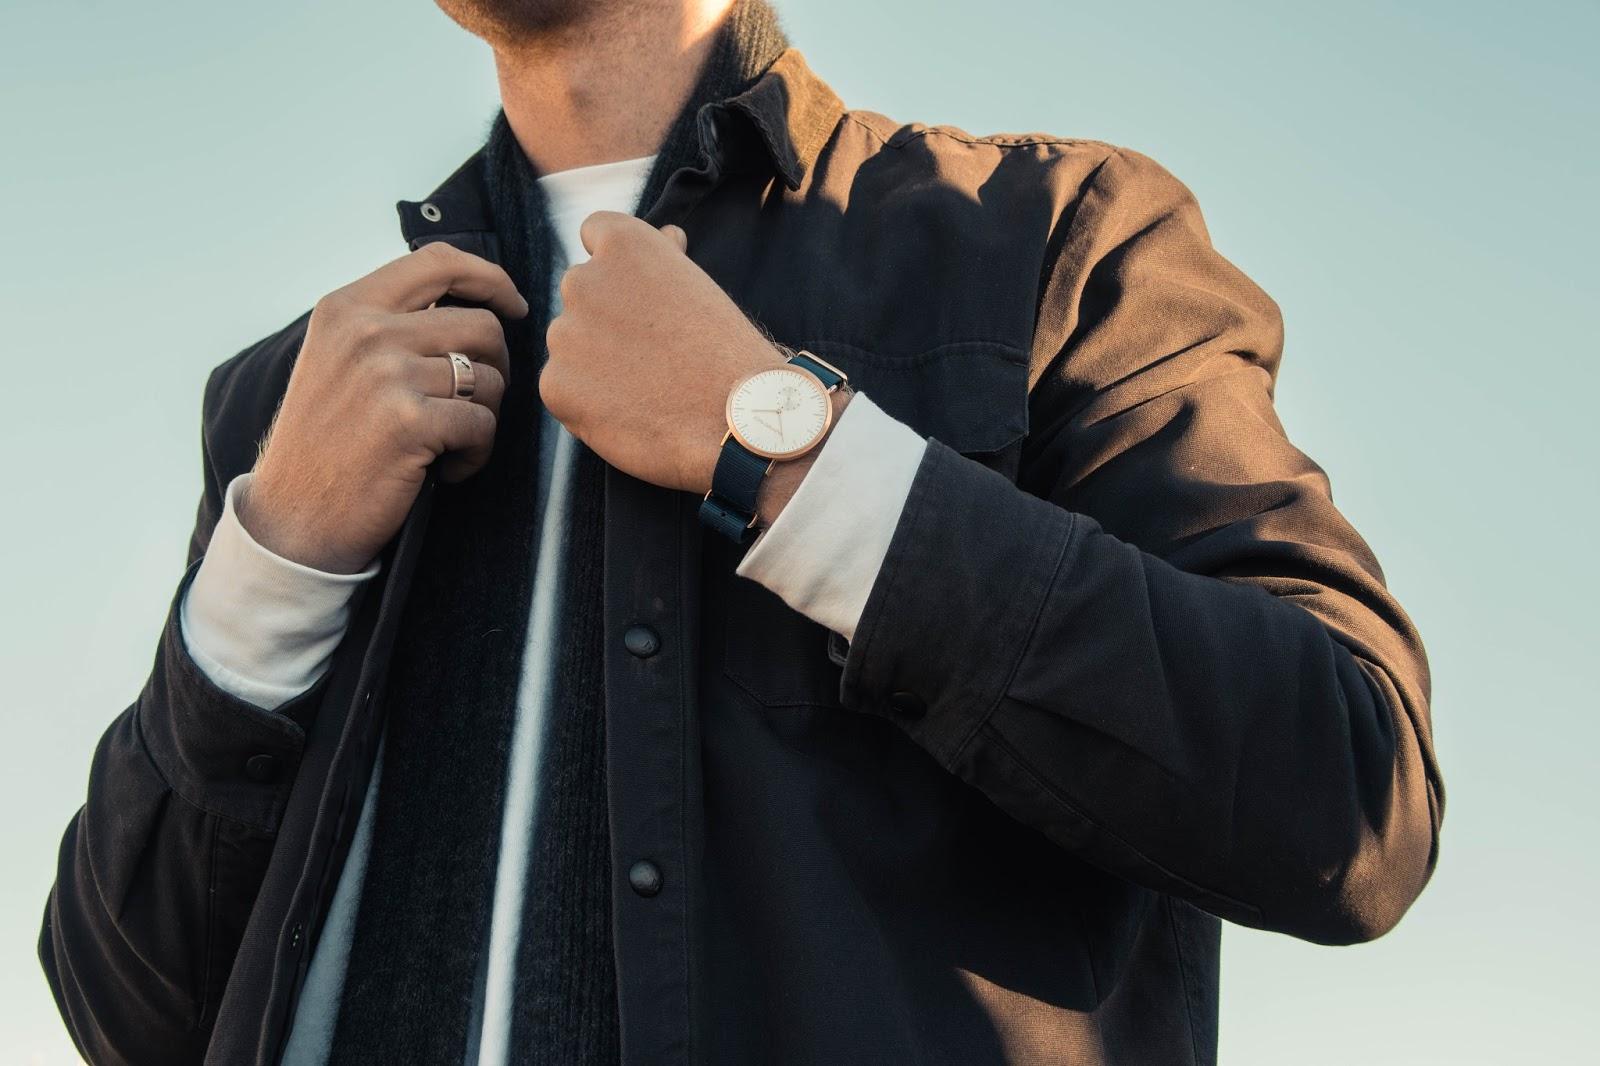 Salman Faris Rumah Blogfam Page 10 Produk Ukm Paul Aksesories Id Card Leather Kartu Pengenal Kulit Warna Tan Bergaya Bagi Pria Itu Memang Bukan Sebuah Keharusan Namun Dibeberapa Situasi Dituntut Untuk Stylish Dan Trendy Lebih Dari Siapapun